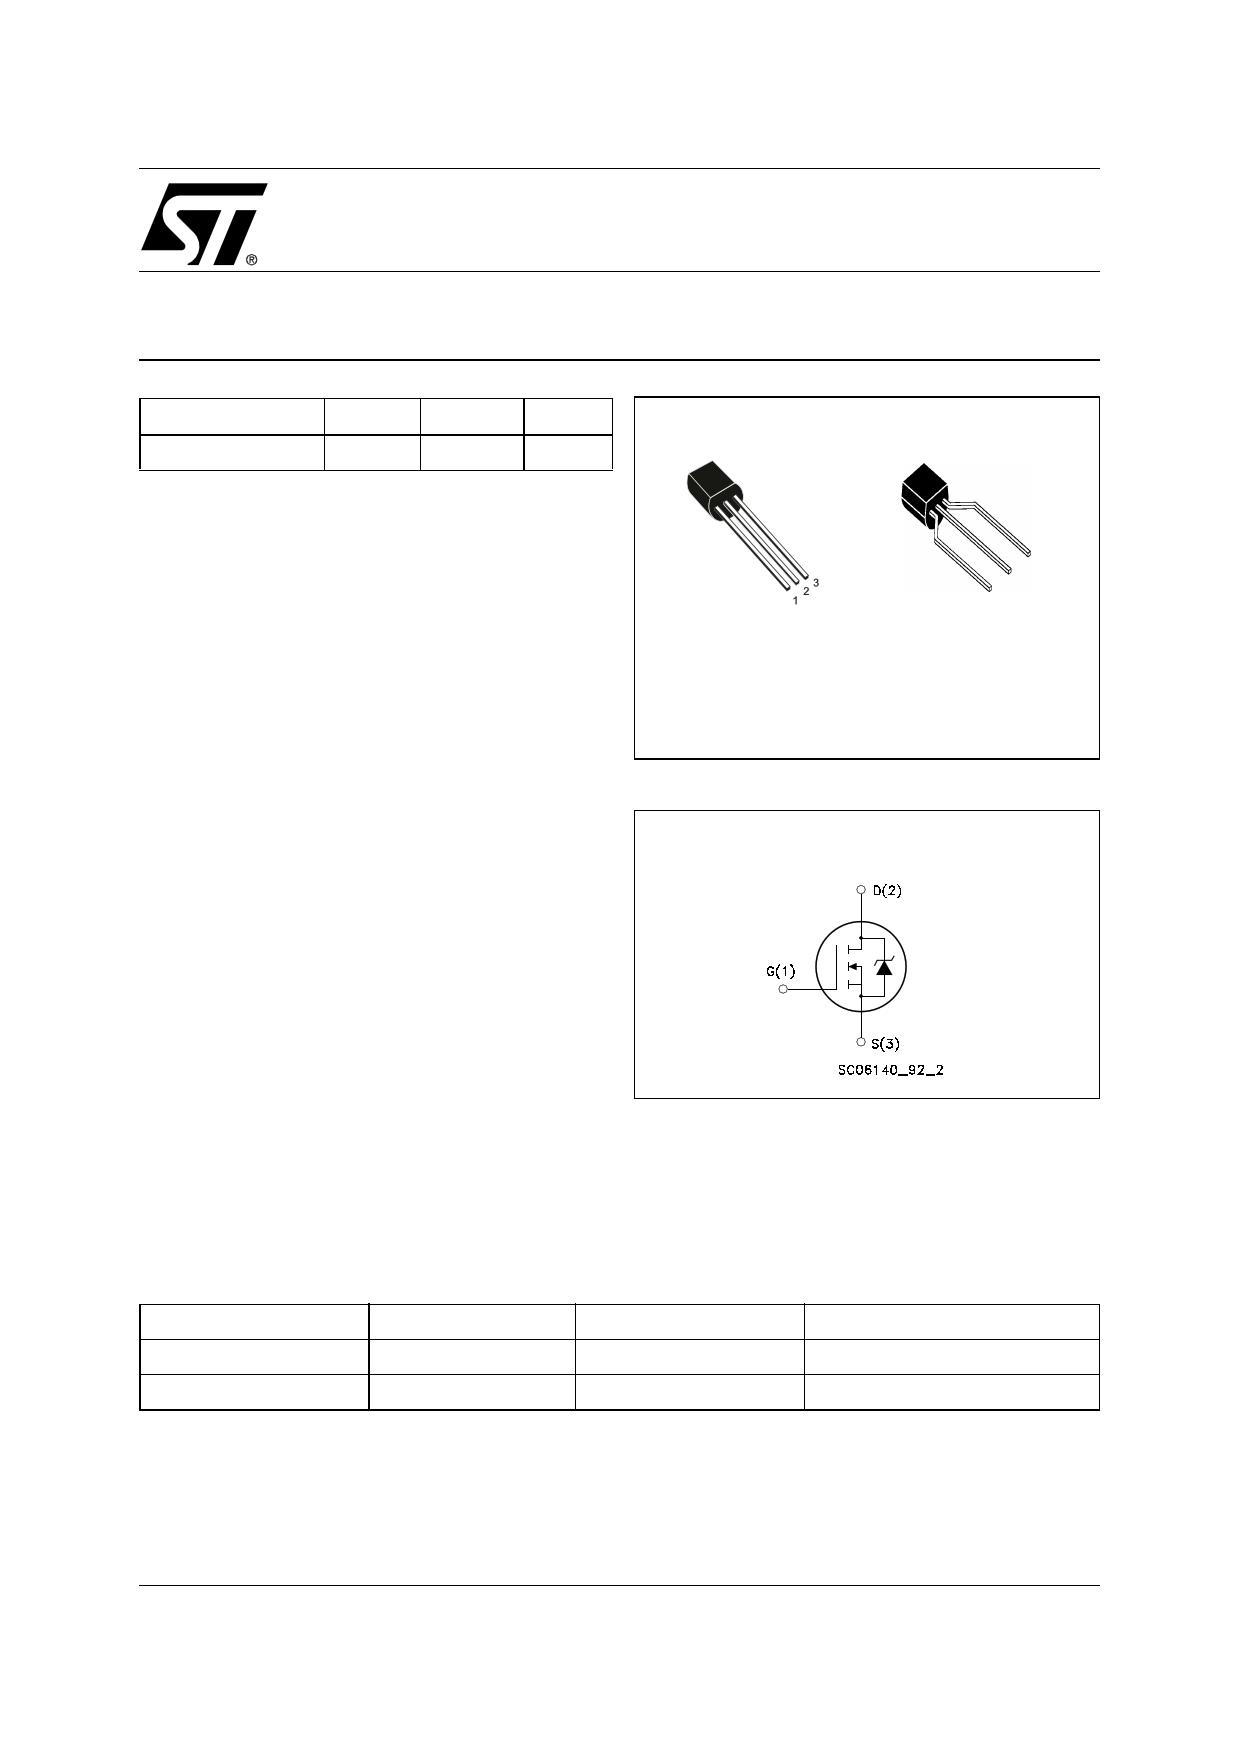 STQ1NC60R 데이터시트 및 STQ1NC60R PDF